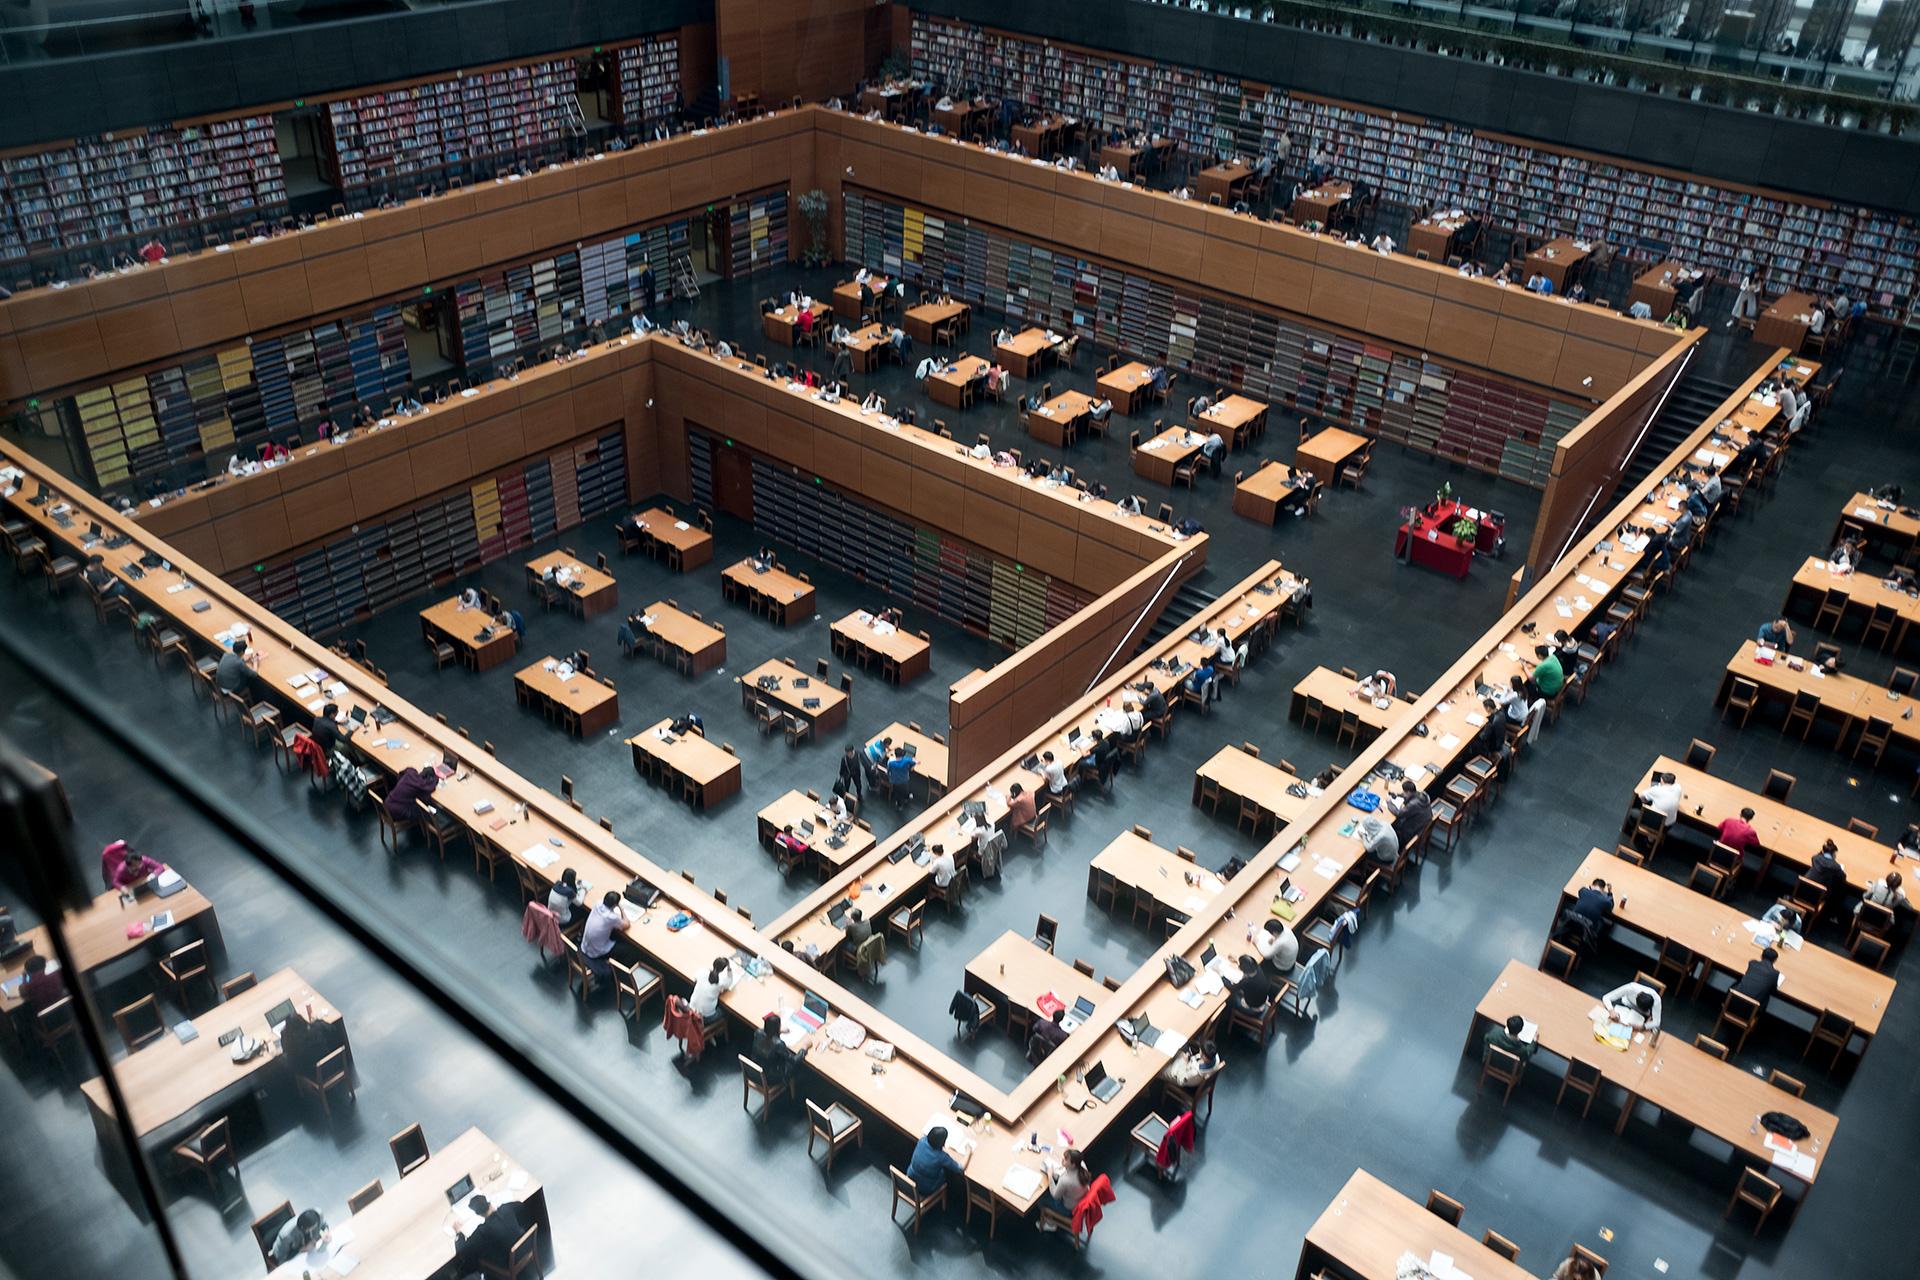 Stadterkundung Beijing, Bibliothek